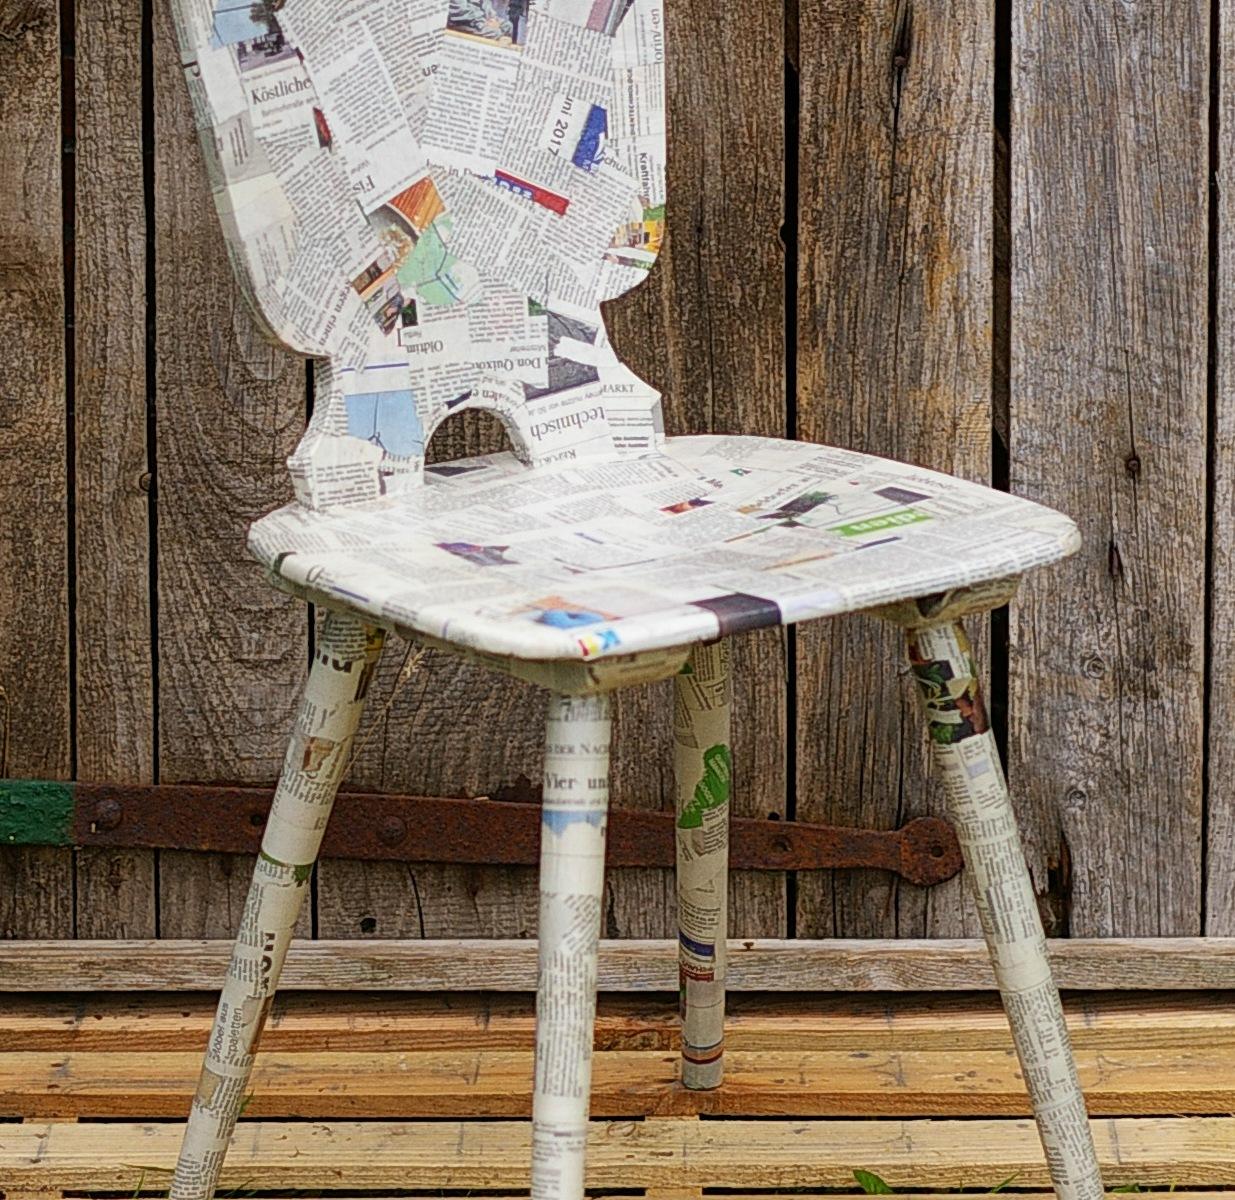 Stuhl mit Zeitungspapier beklebt